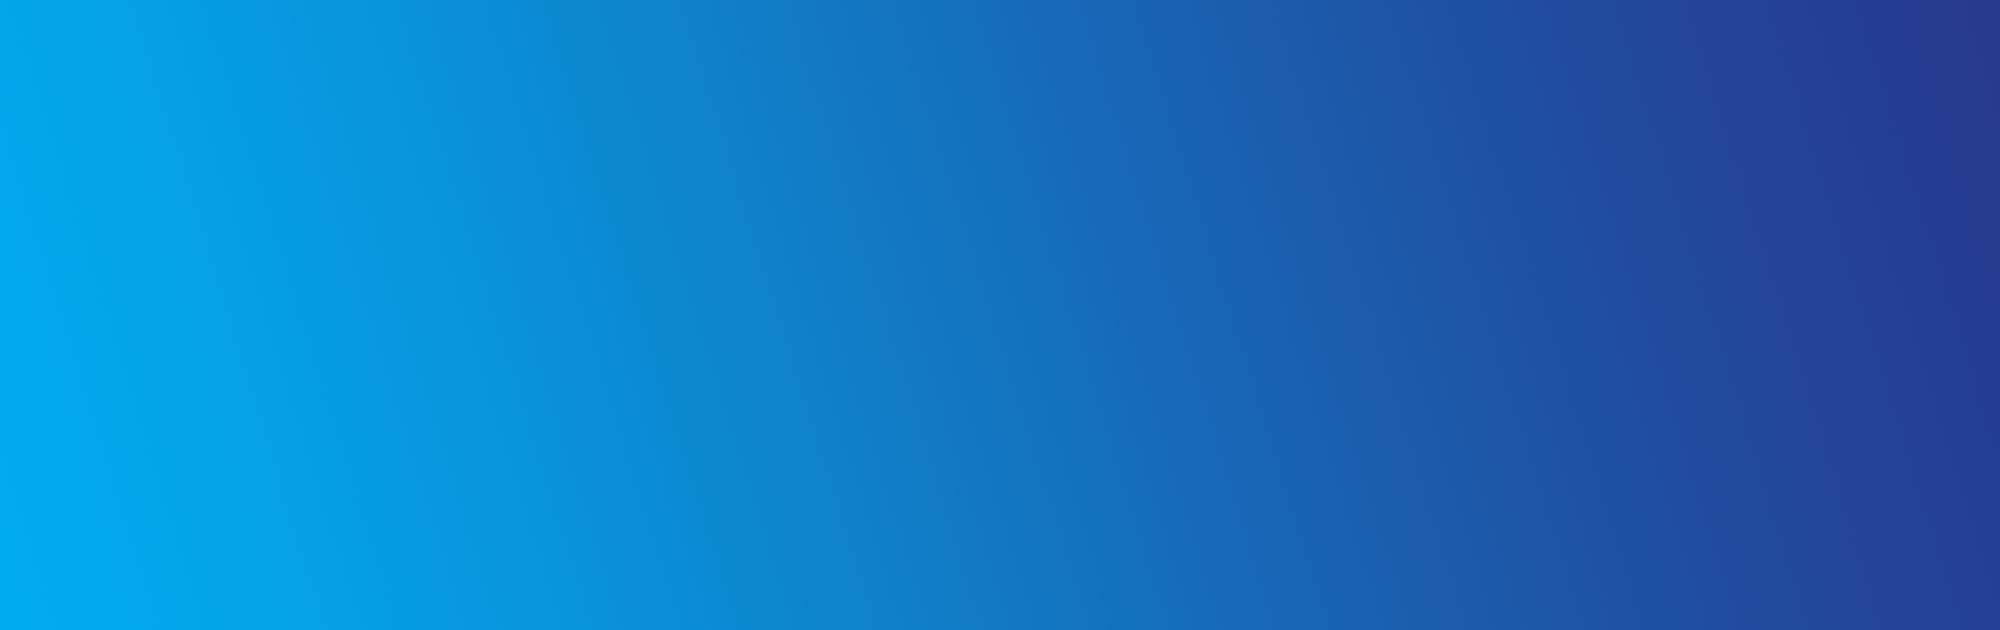 fondo_blue